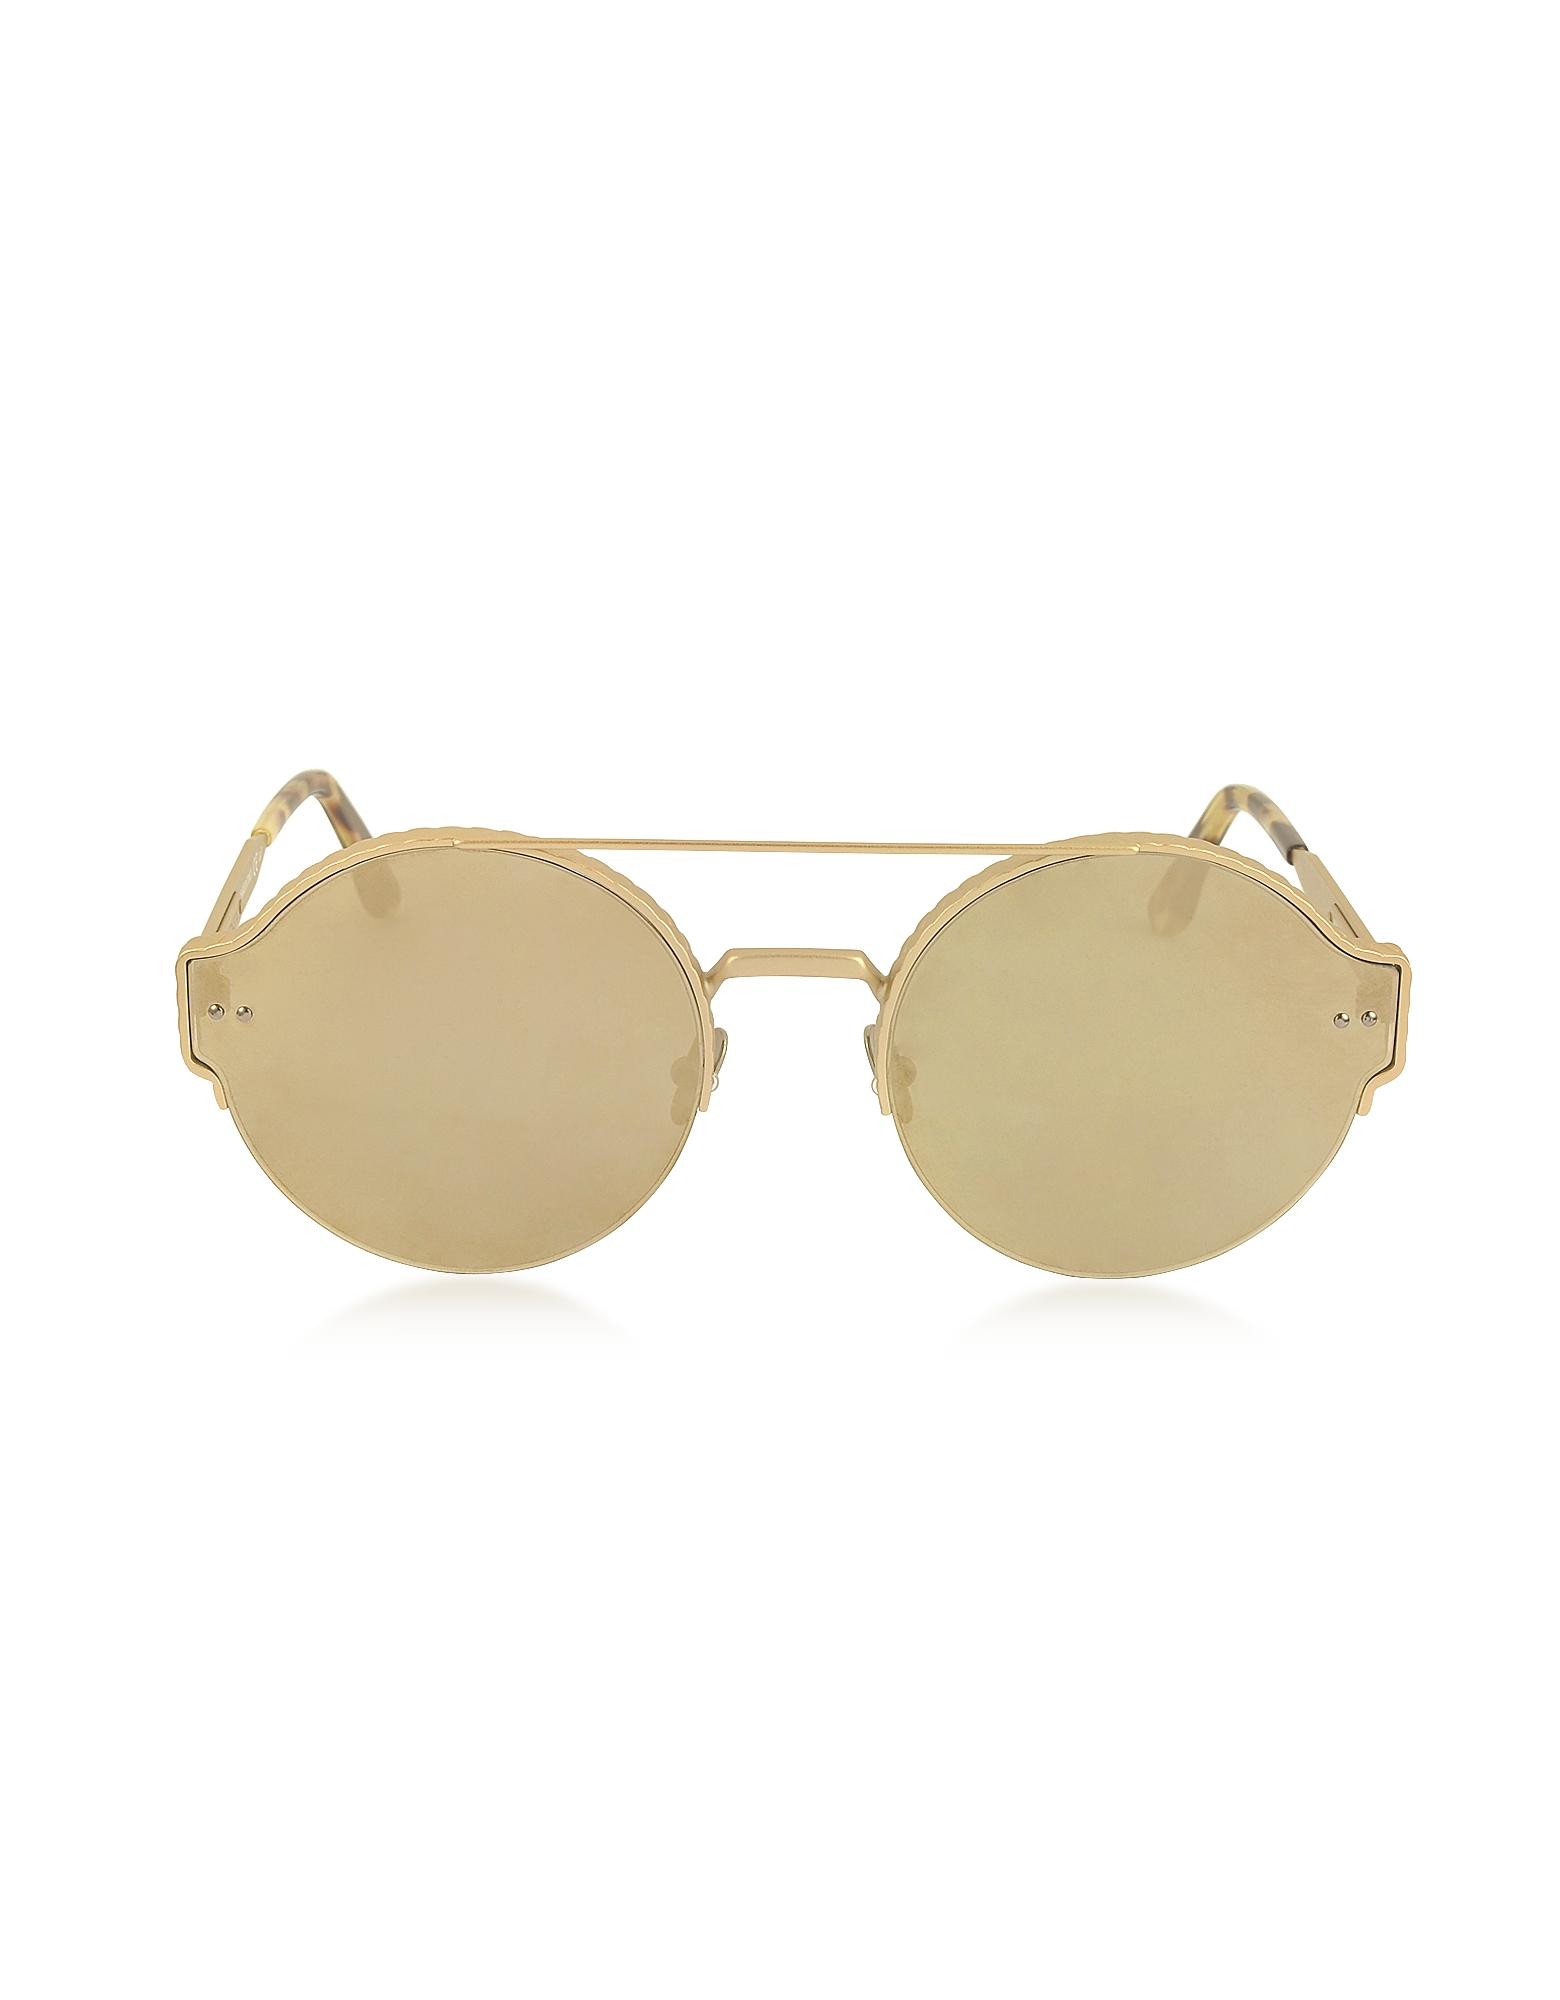 Bottega Veneta Sunglasses, BV0013S Round Metal Frame Unisex Sunglasses